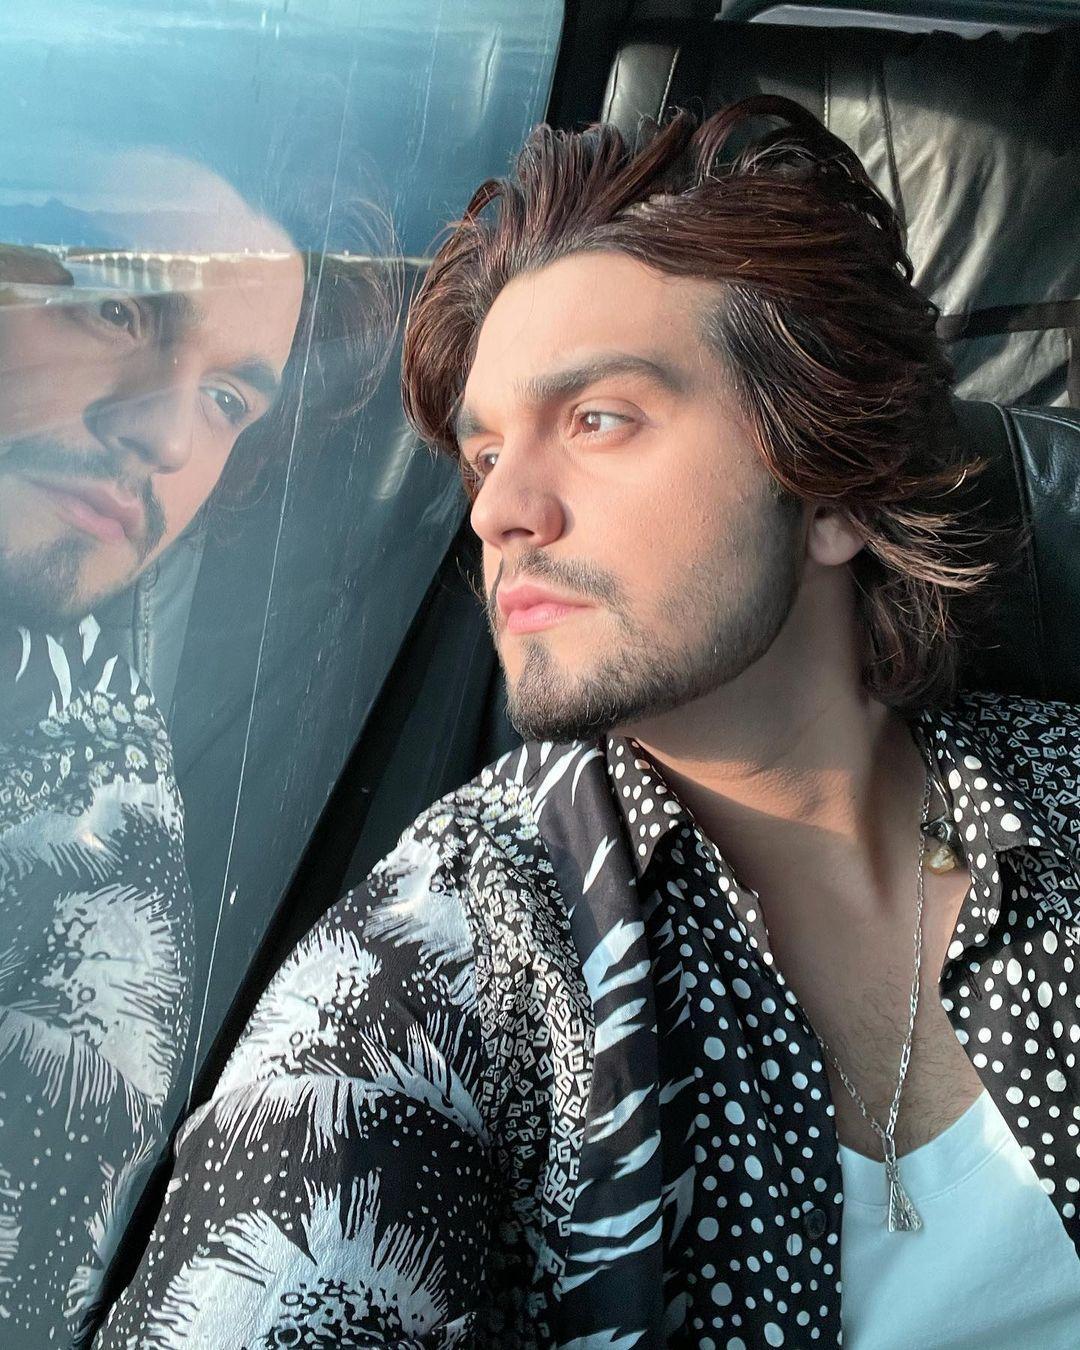 Imagem mostra rosto do cantor Luan Santana